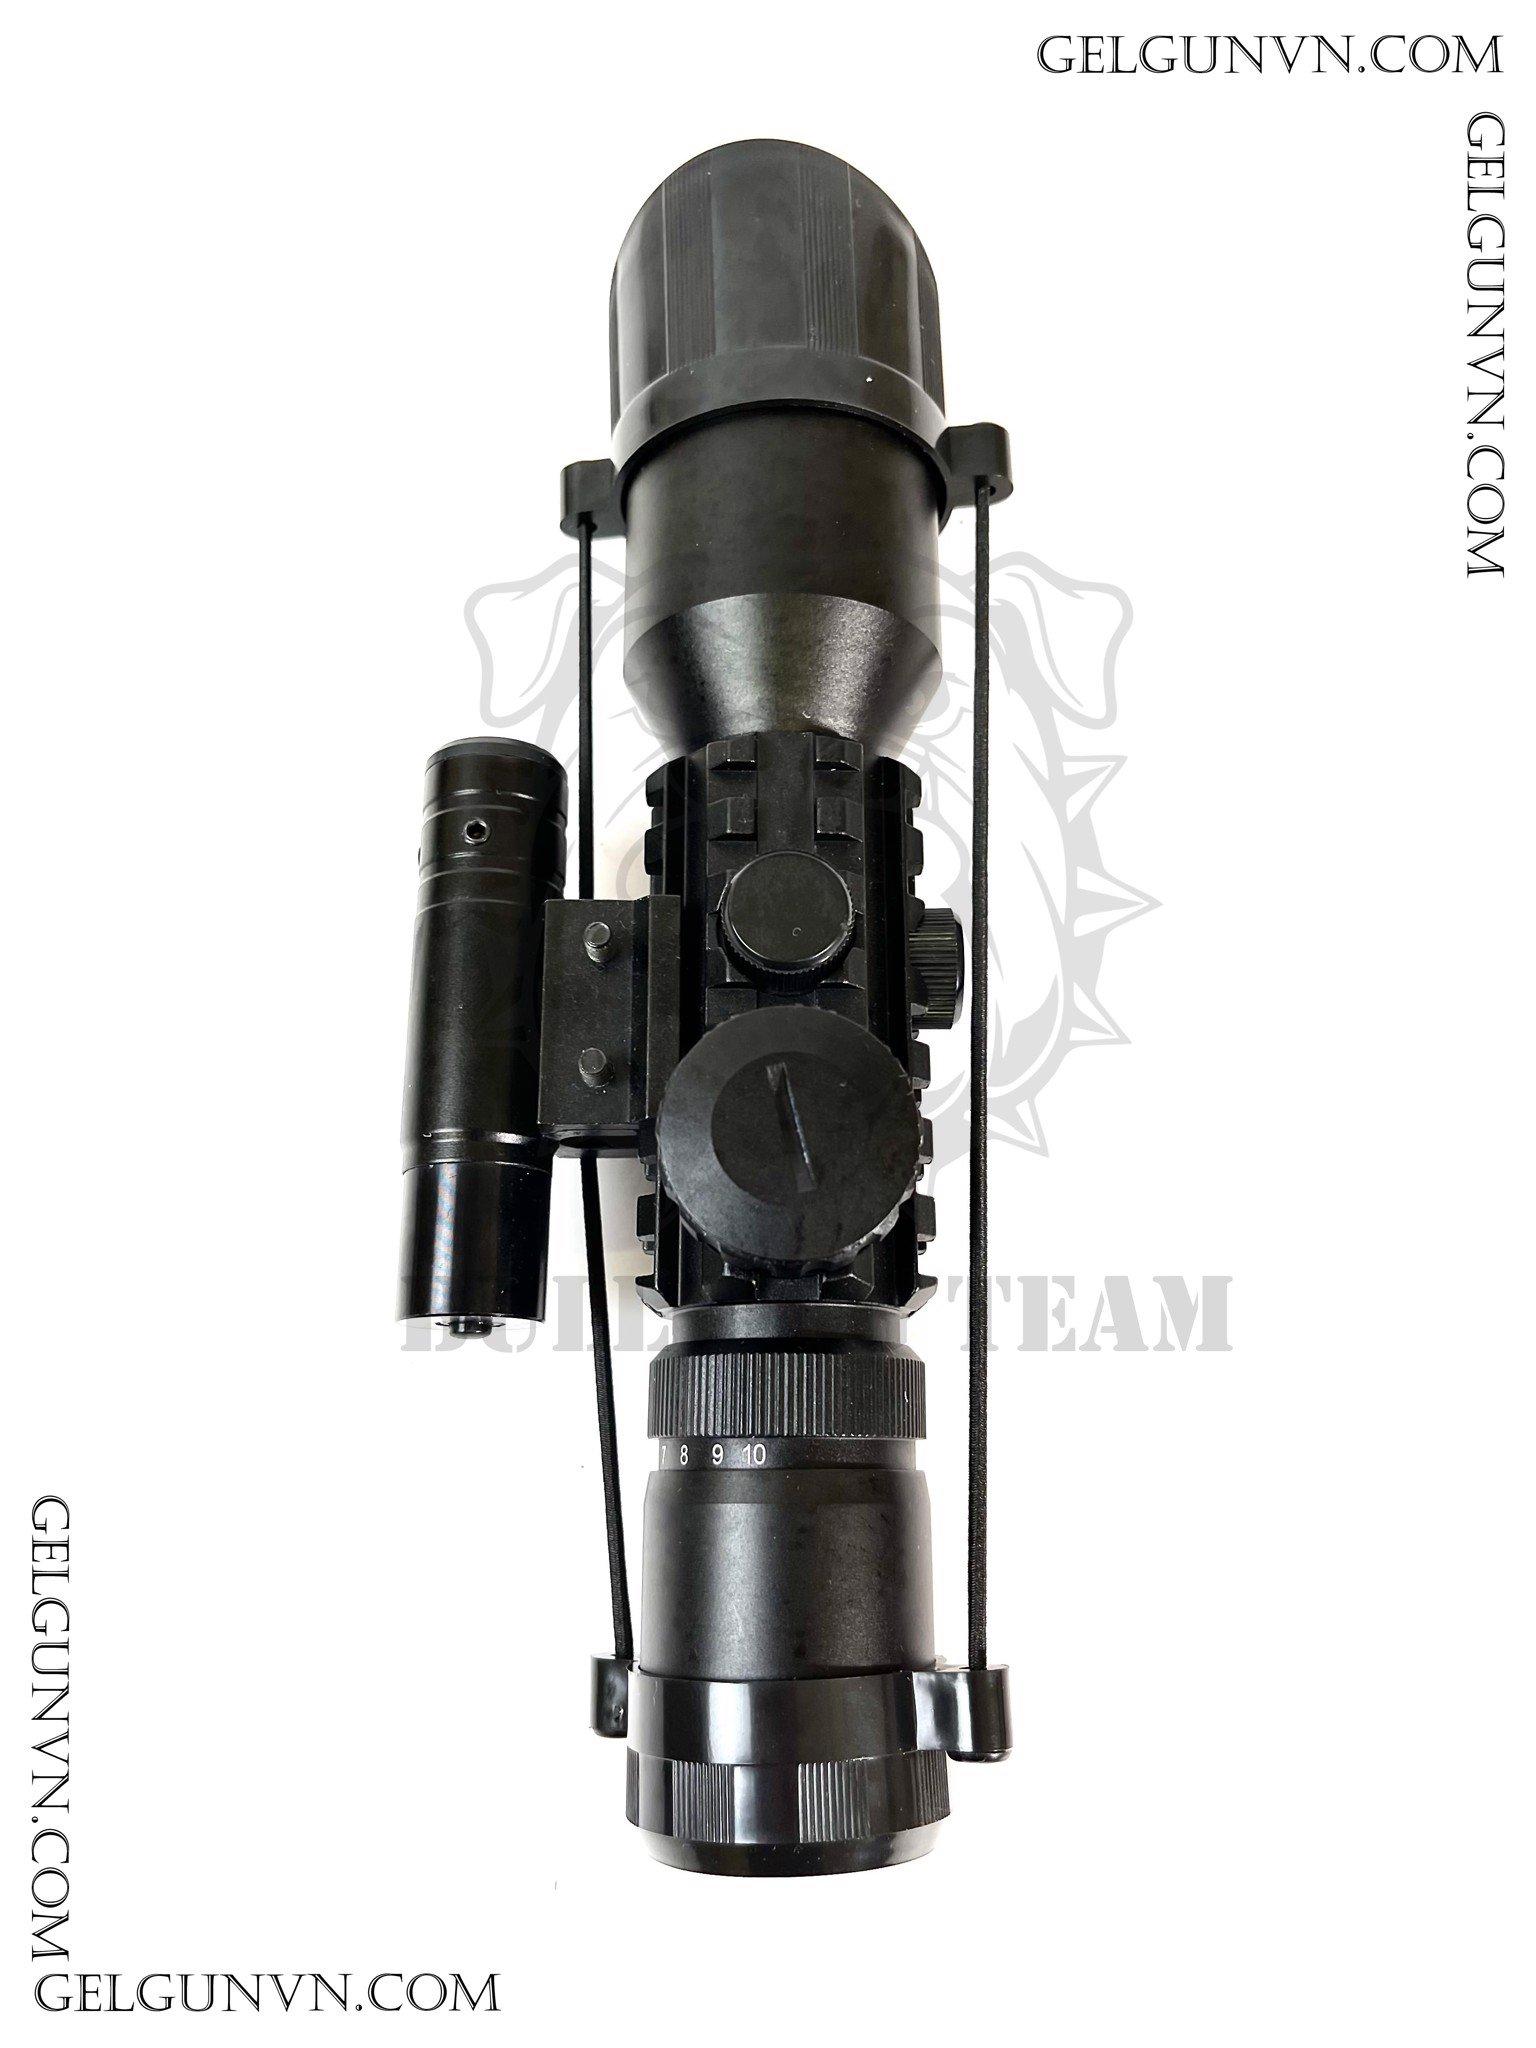 Scope 3-10x42 ( kèm Laze ) siêu hợp với dòng súng tự động